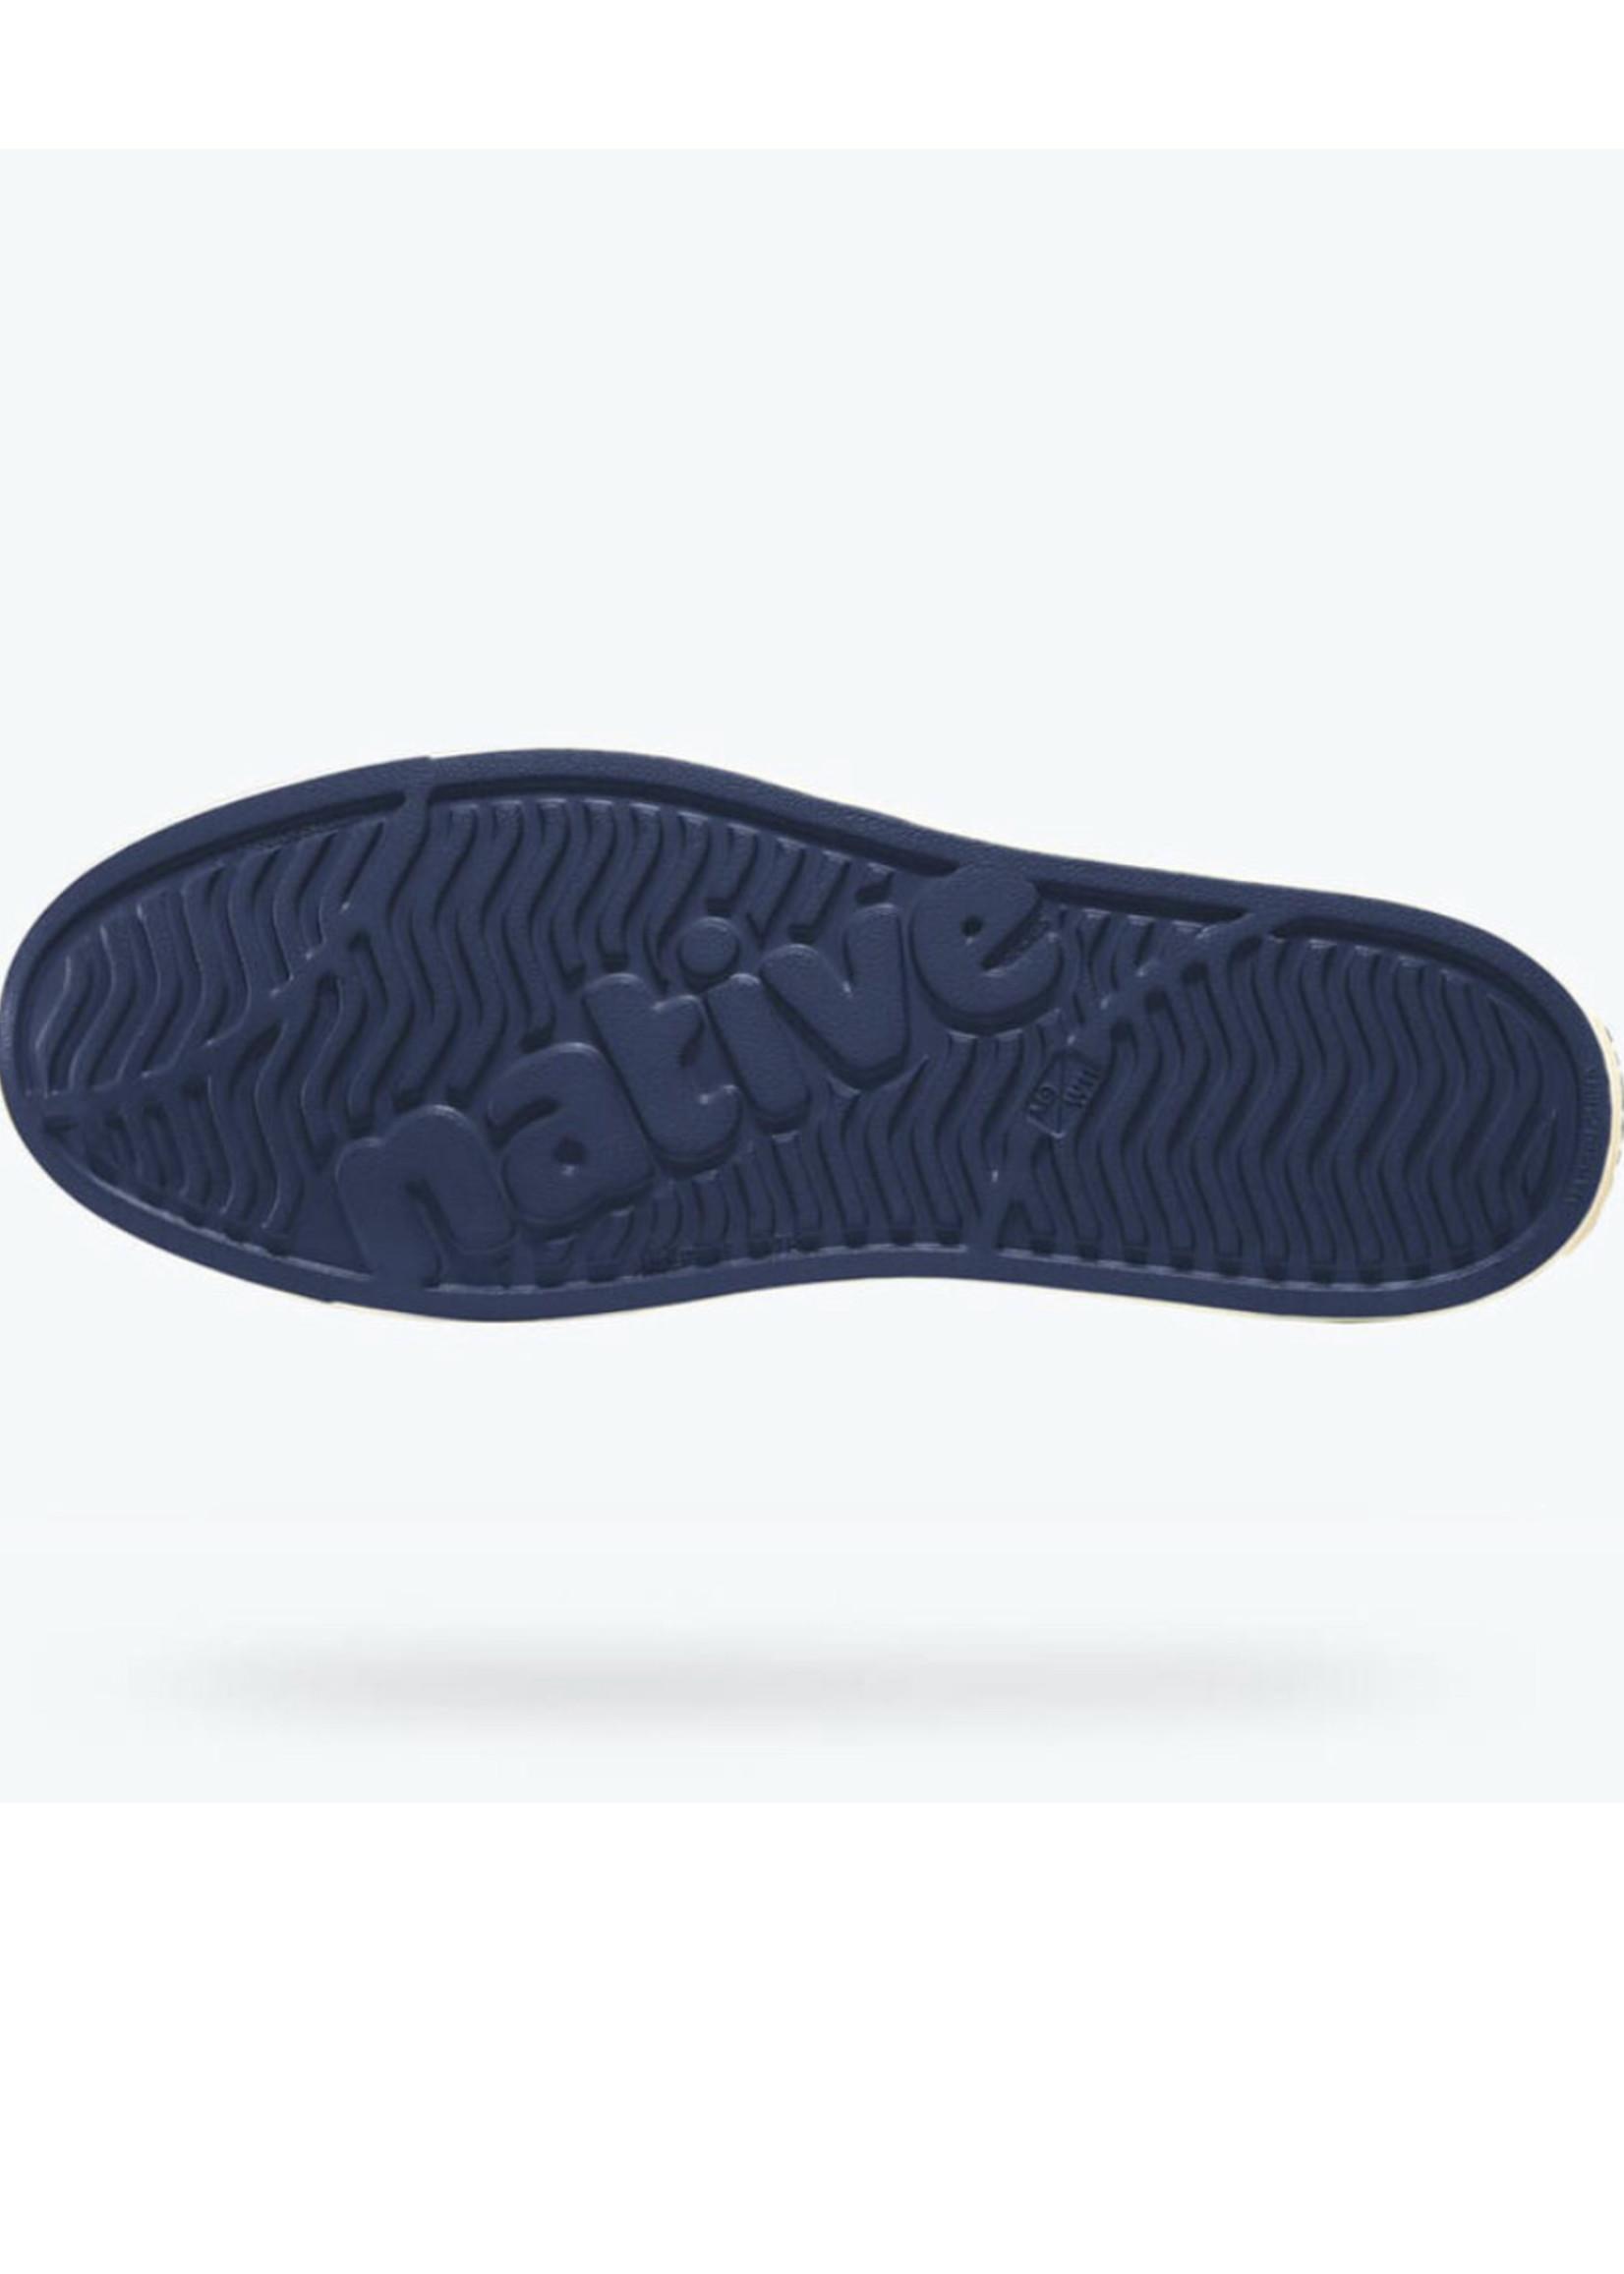 NATIVE shoes JEFFERSON, Navy